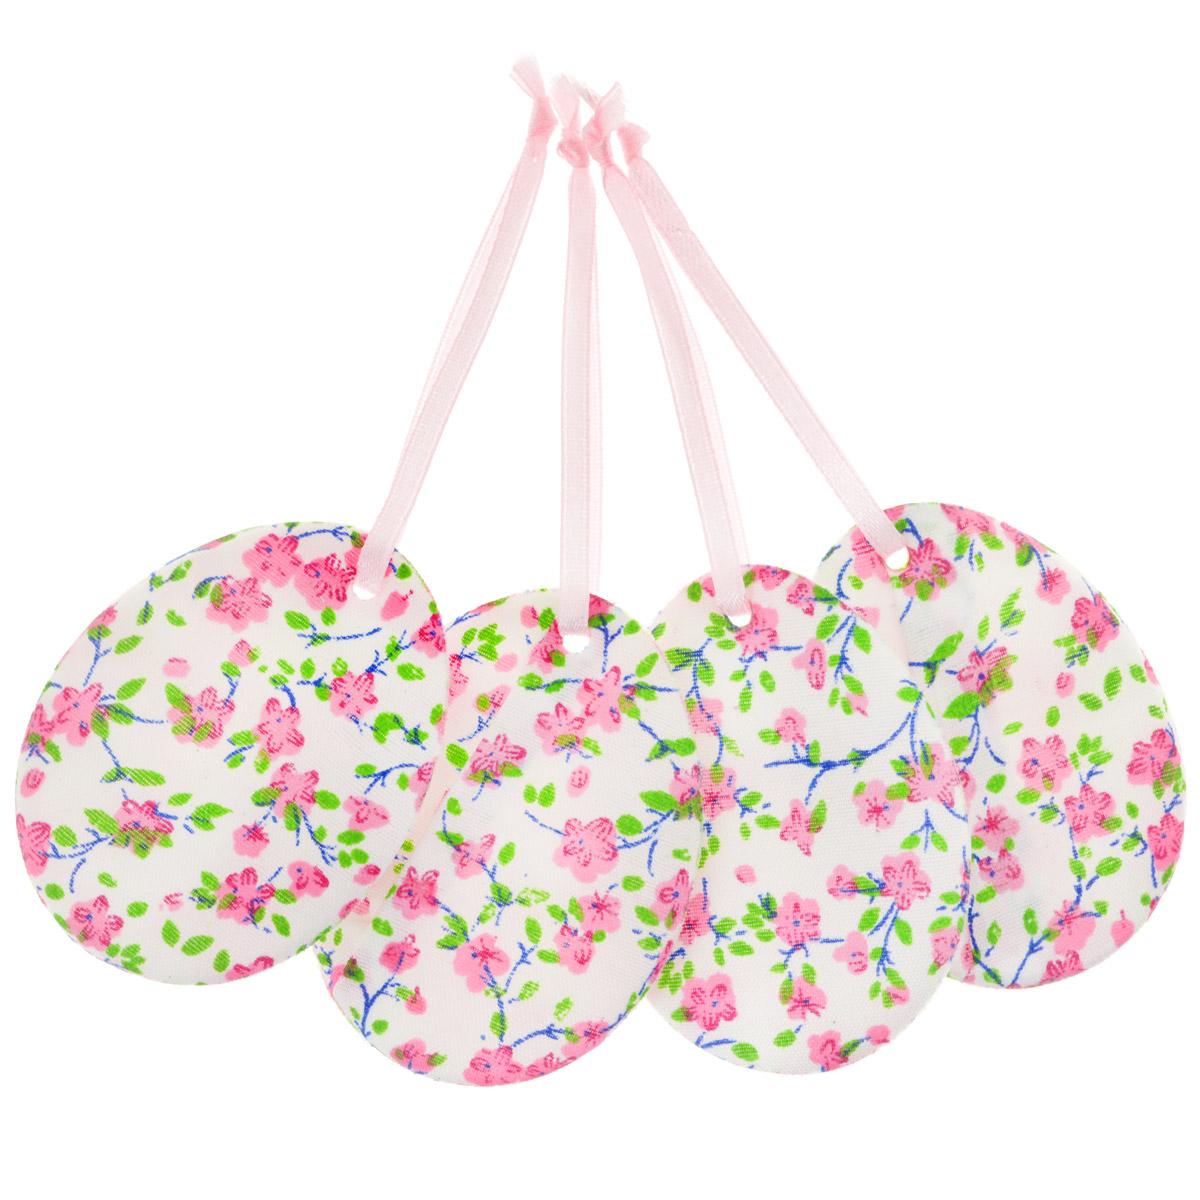 Набор пасхальных подвесных украшений Home Queen Яркий день, цвет: розовый, 4 шт60797_2Набор Home Queen Яркий день, изготовленный из полиэстера, состоит из четырех пасхальных подвесных украшений. Изделия выполнены в виде пасхальных яиц с мягким наполнителем, декорированы цветочным принтом и оснащены текстильными петельками для подвешивания. Такой набор прекрасно дополнит оформление вашего дома на Пасху. Размер украшения: 6,5 см х 5 см х 0,3 см.